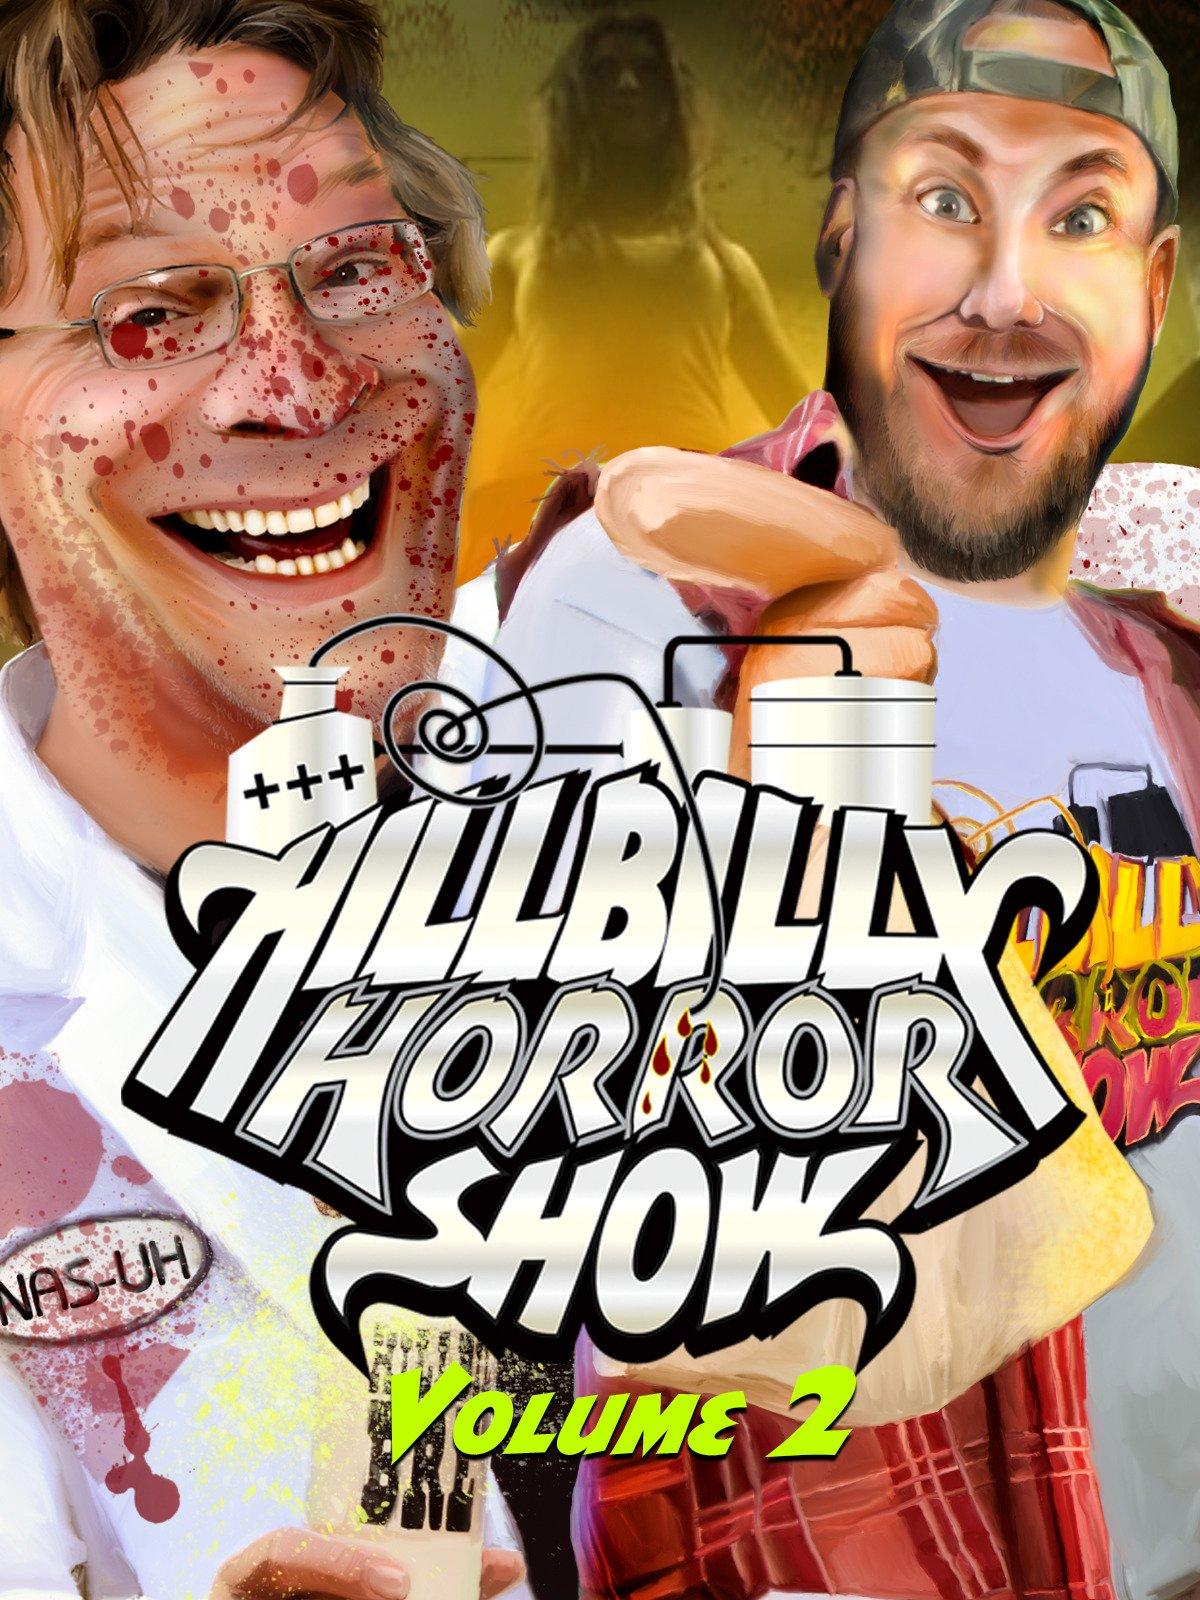 Hillbilly Horror Show Volume 2